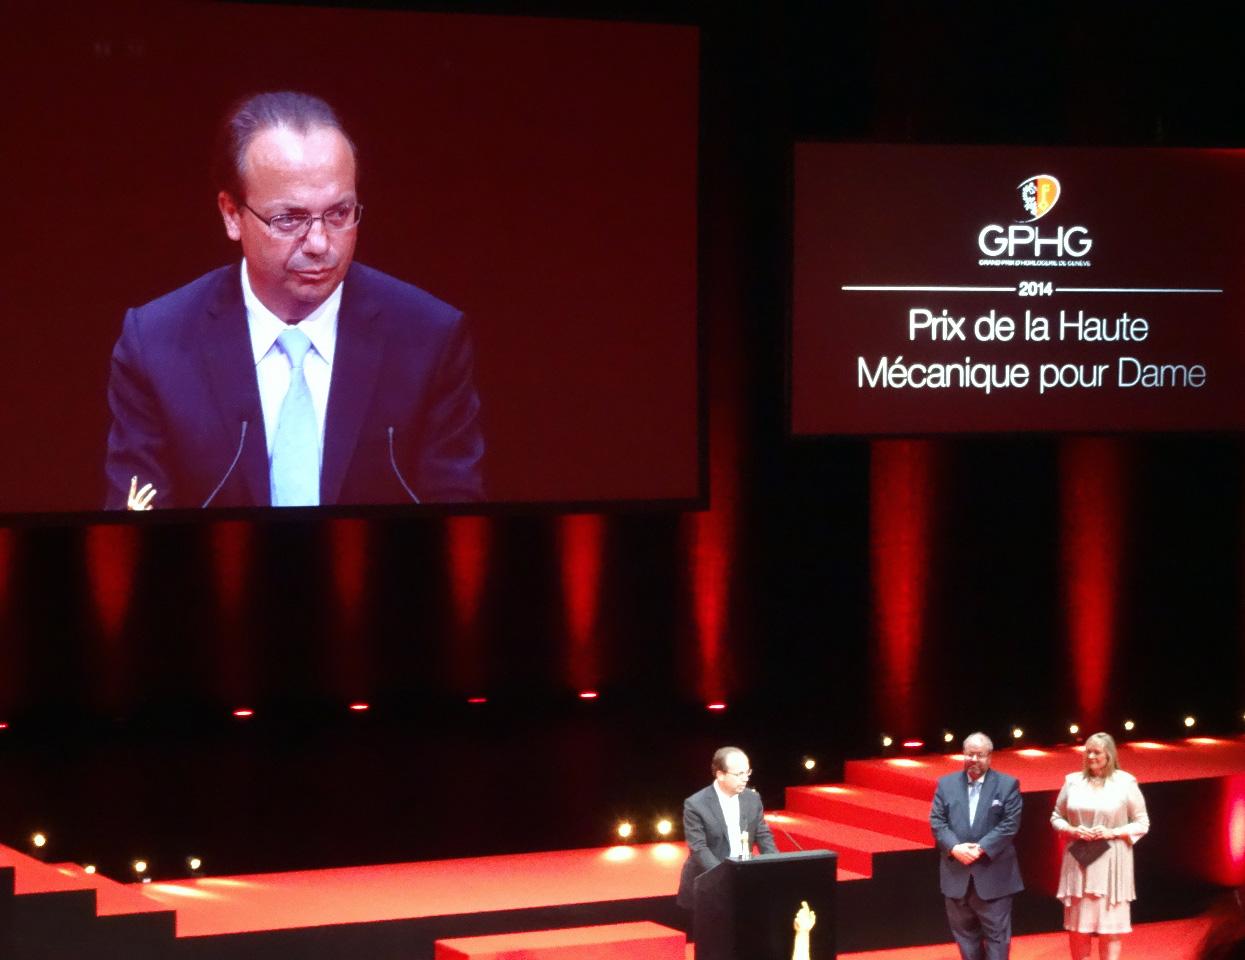 """Christophe Claret awarded """"Prix de la Haut Mecanique pour Dames"""""""